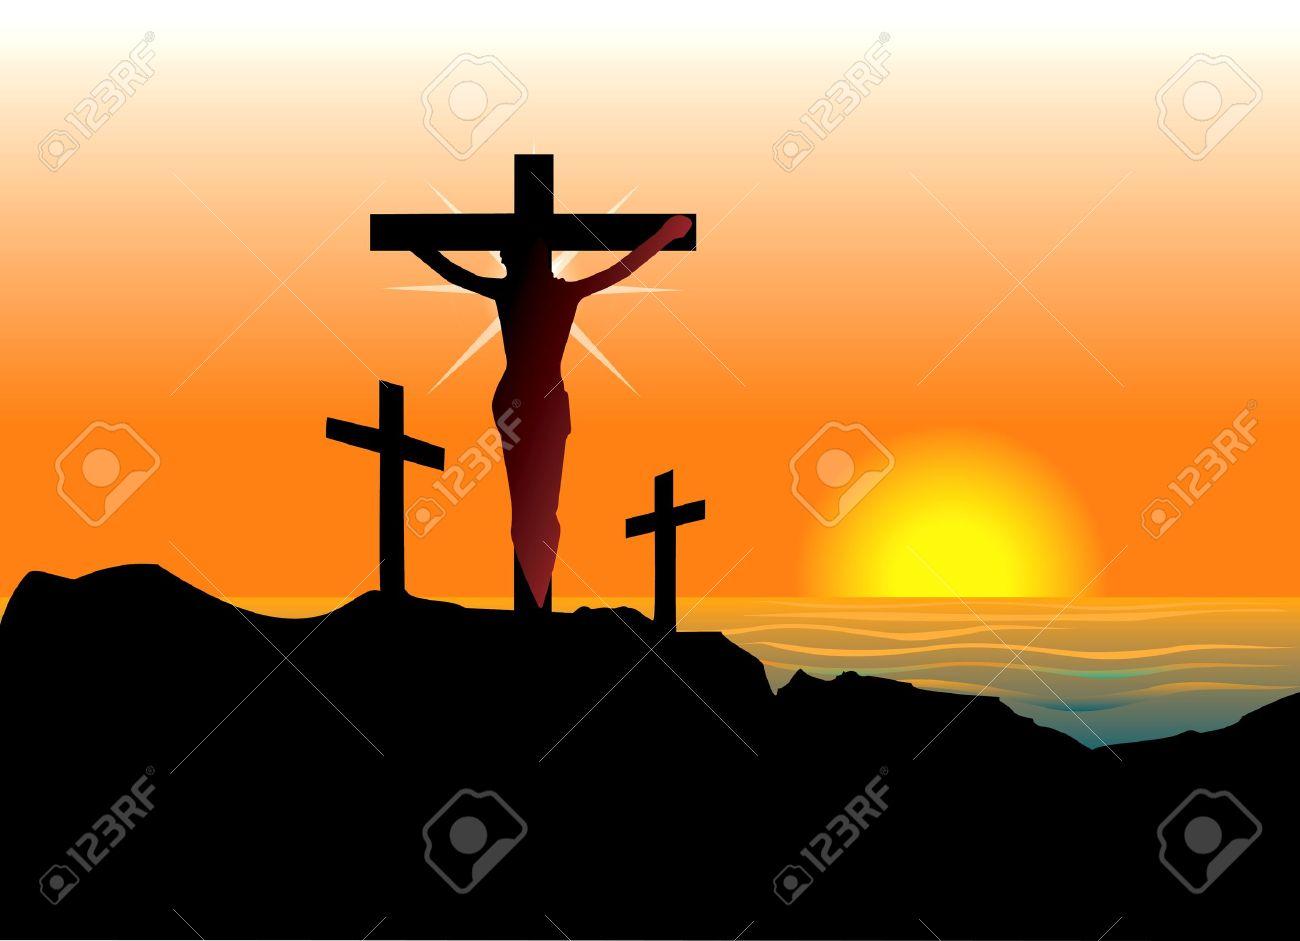 Vector Illustration of Jesus Christ on cross. Easter Resurrection. Stock Vector - 12773173